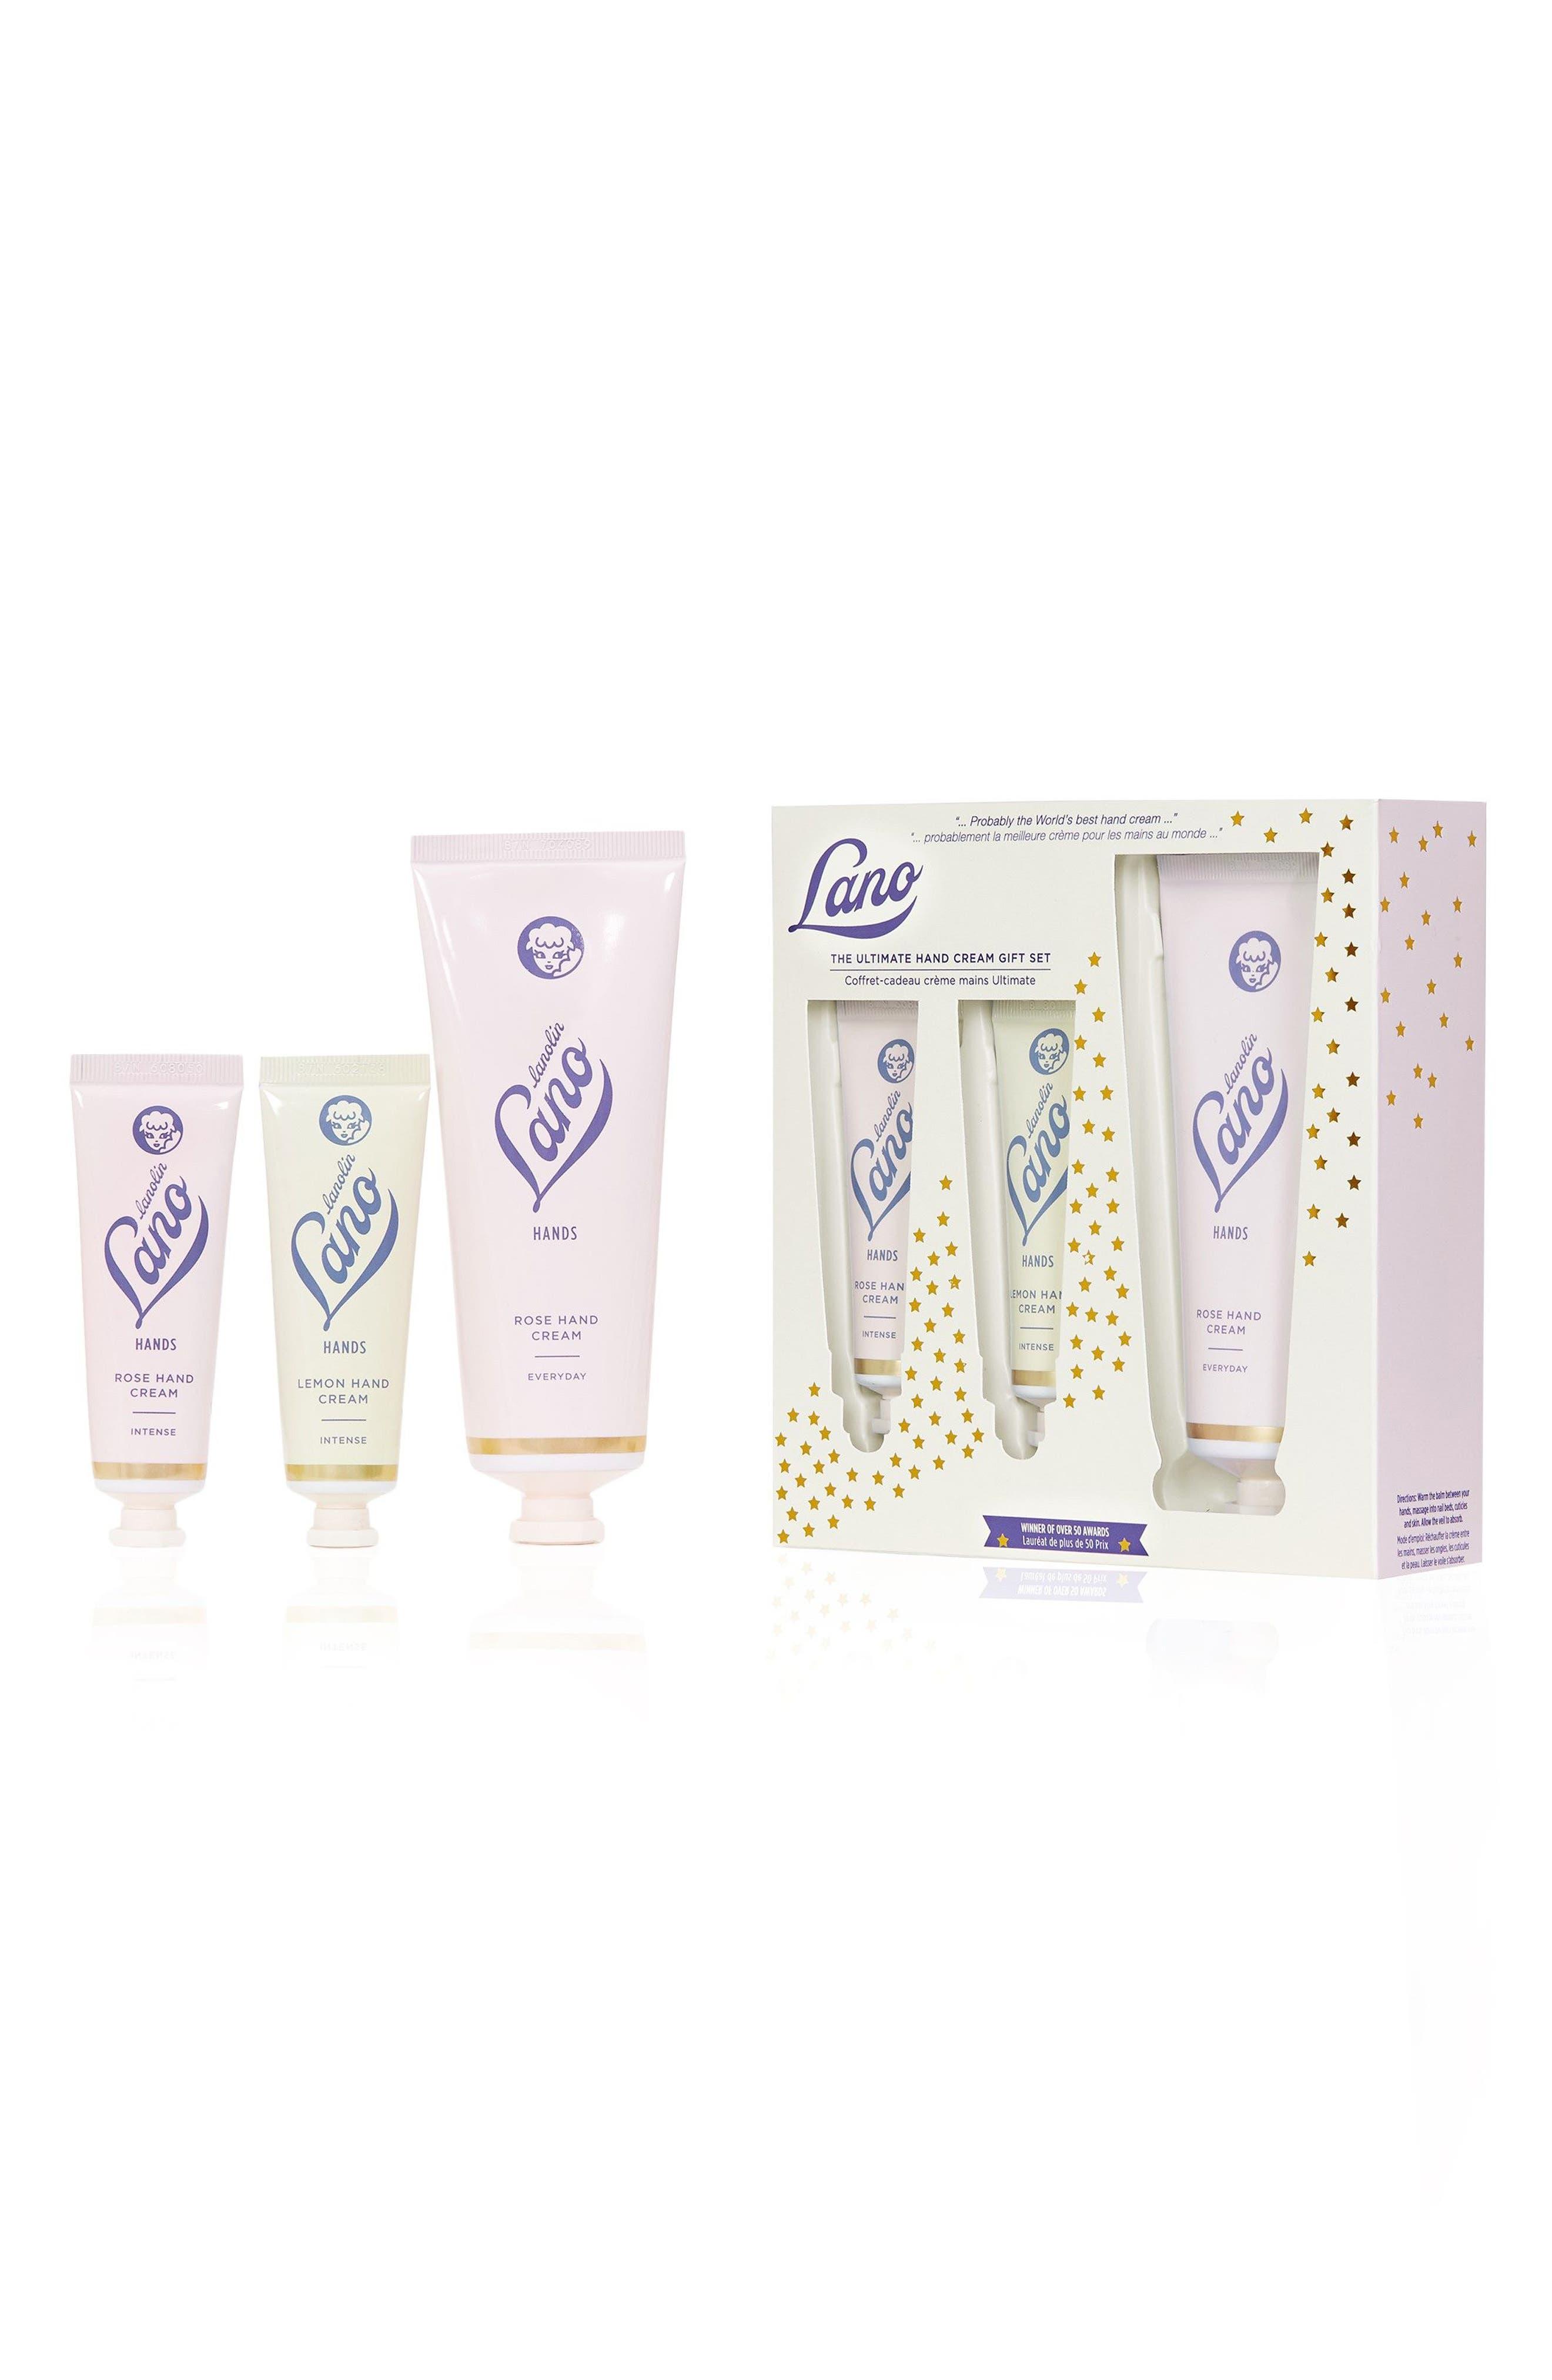 Lanolips Hand Cream Trio ($37.85 Value)